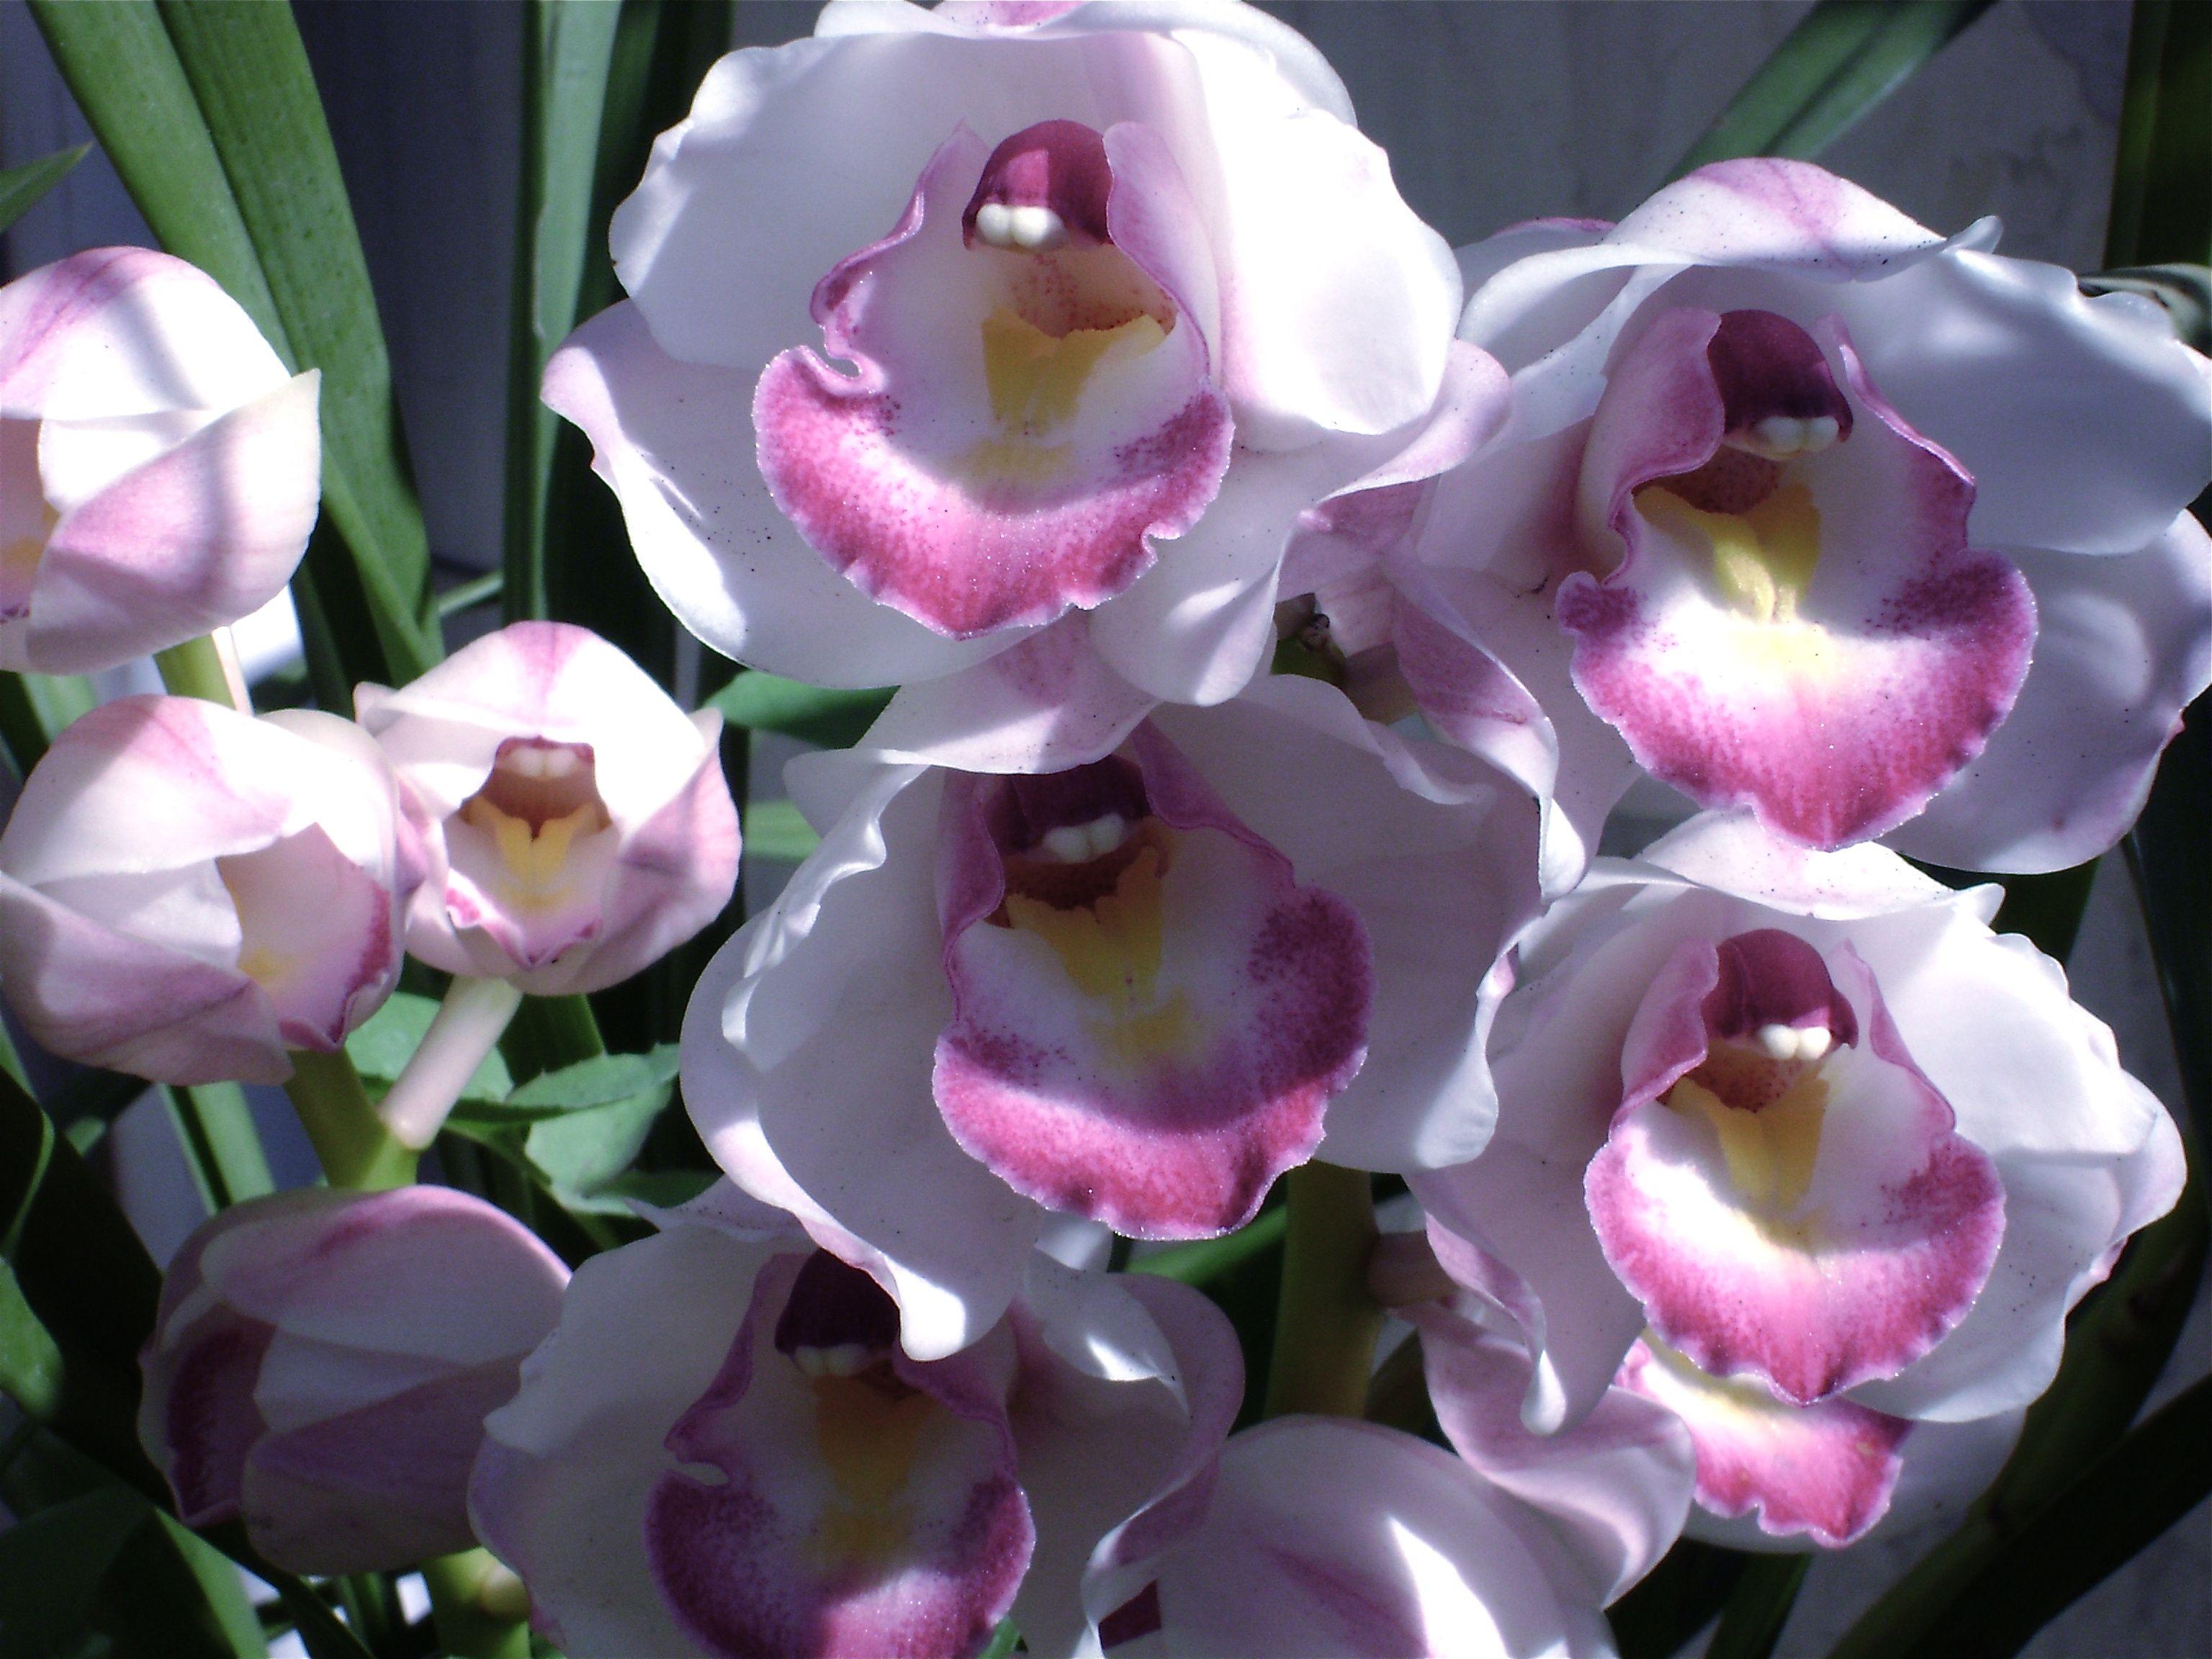 Orquideas de mi jardin foto andy cherniavsky jardines y for Jardines de orquideas